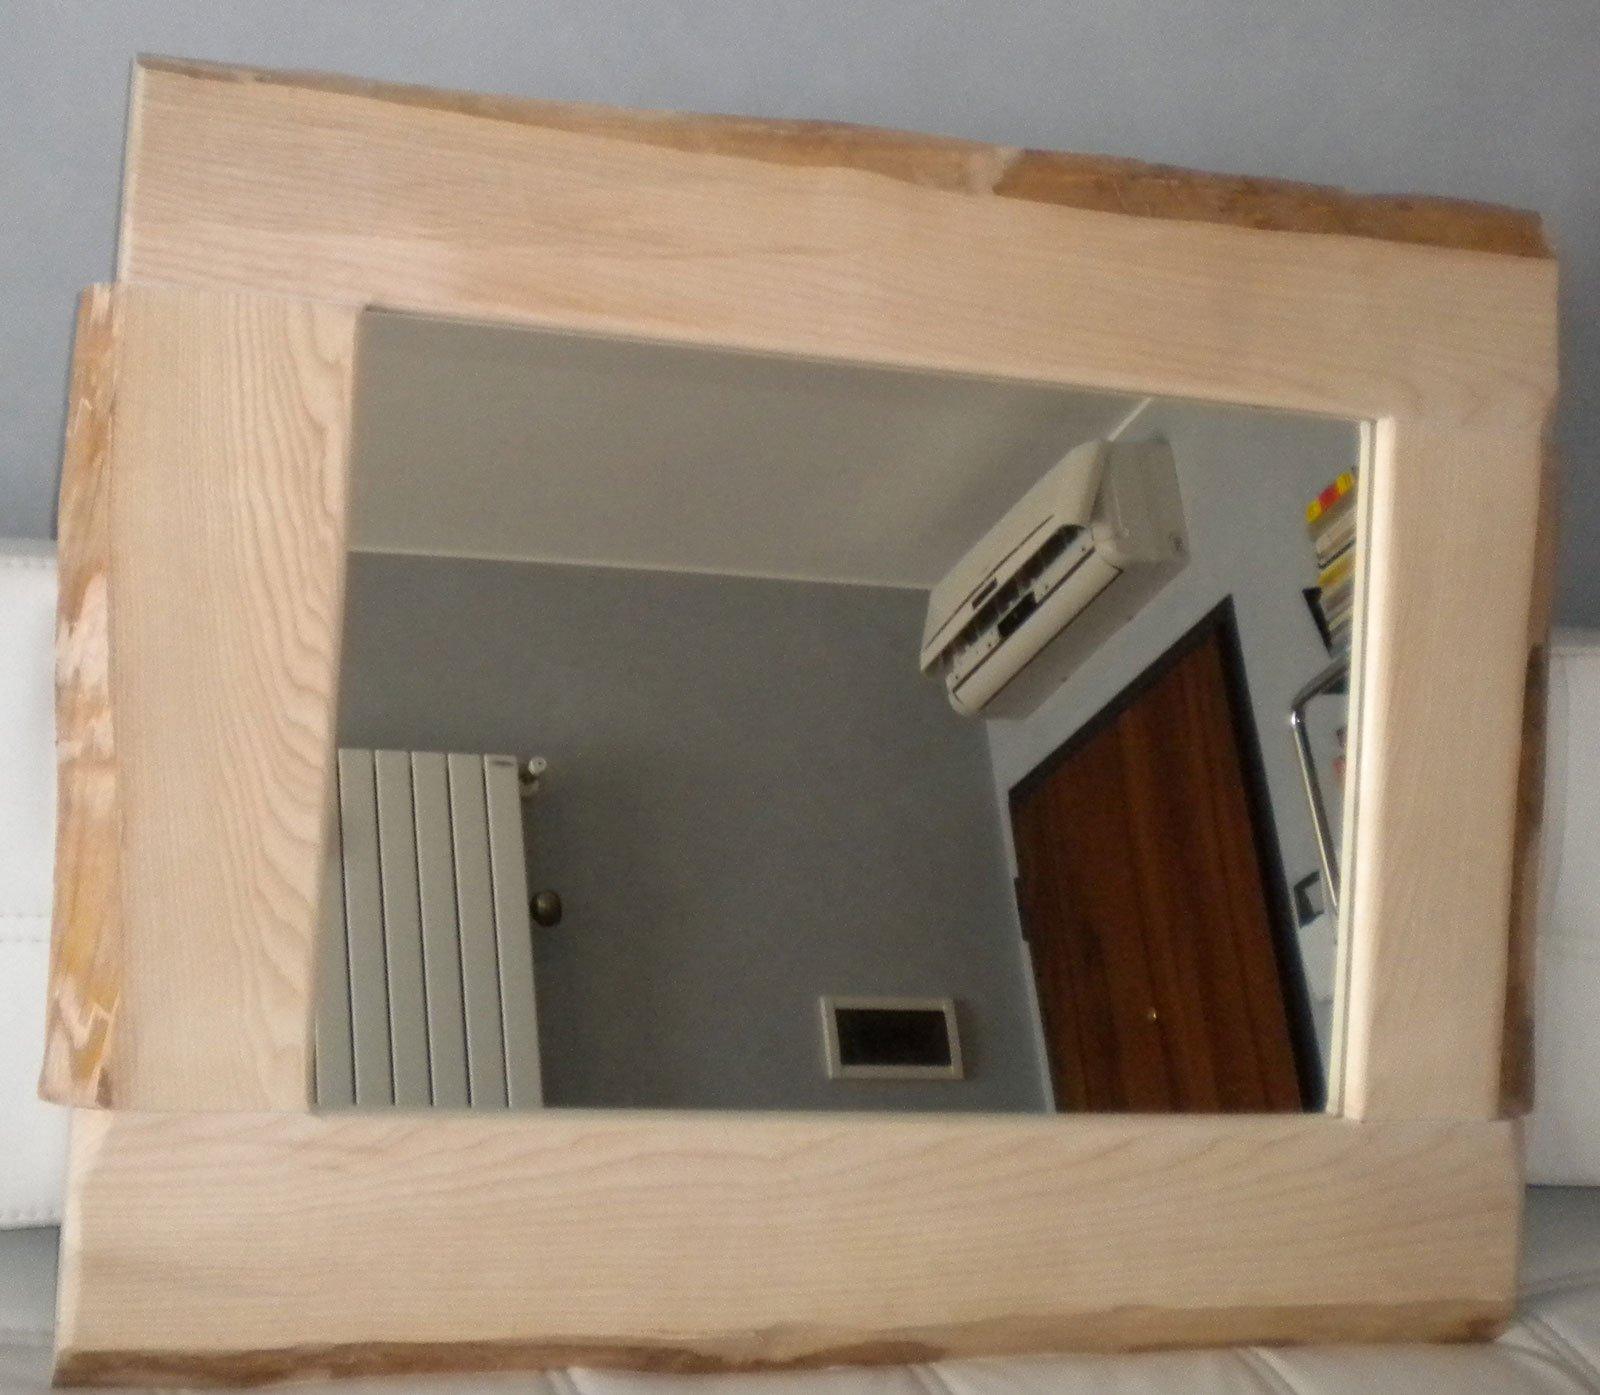 Specchio fai da te con legno e corteccia naturale cose - Bagno turco in casa fai da te ...